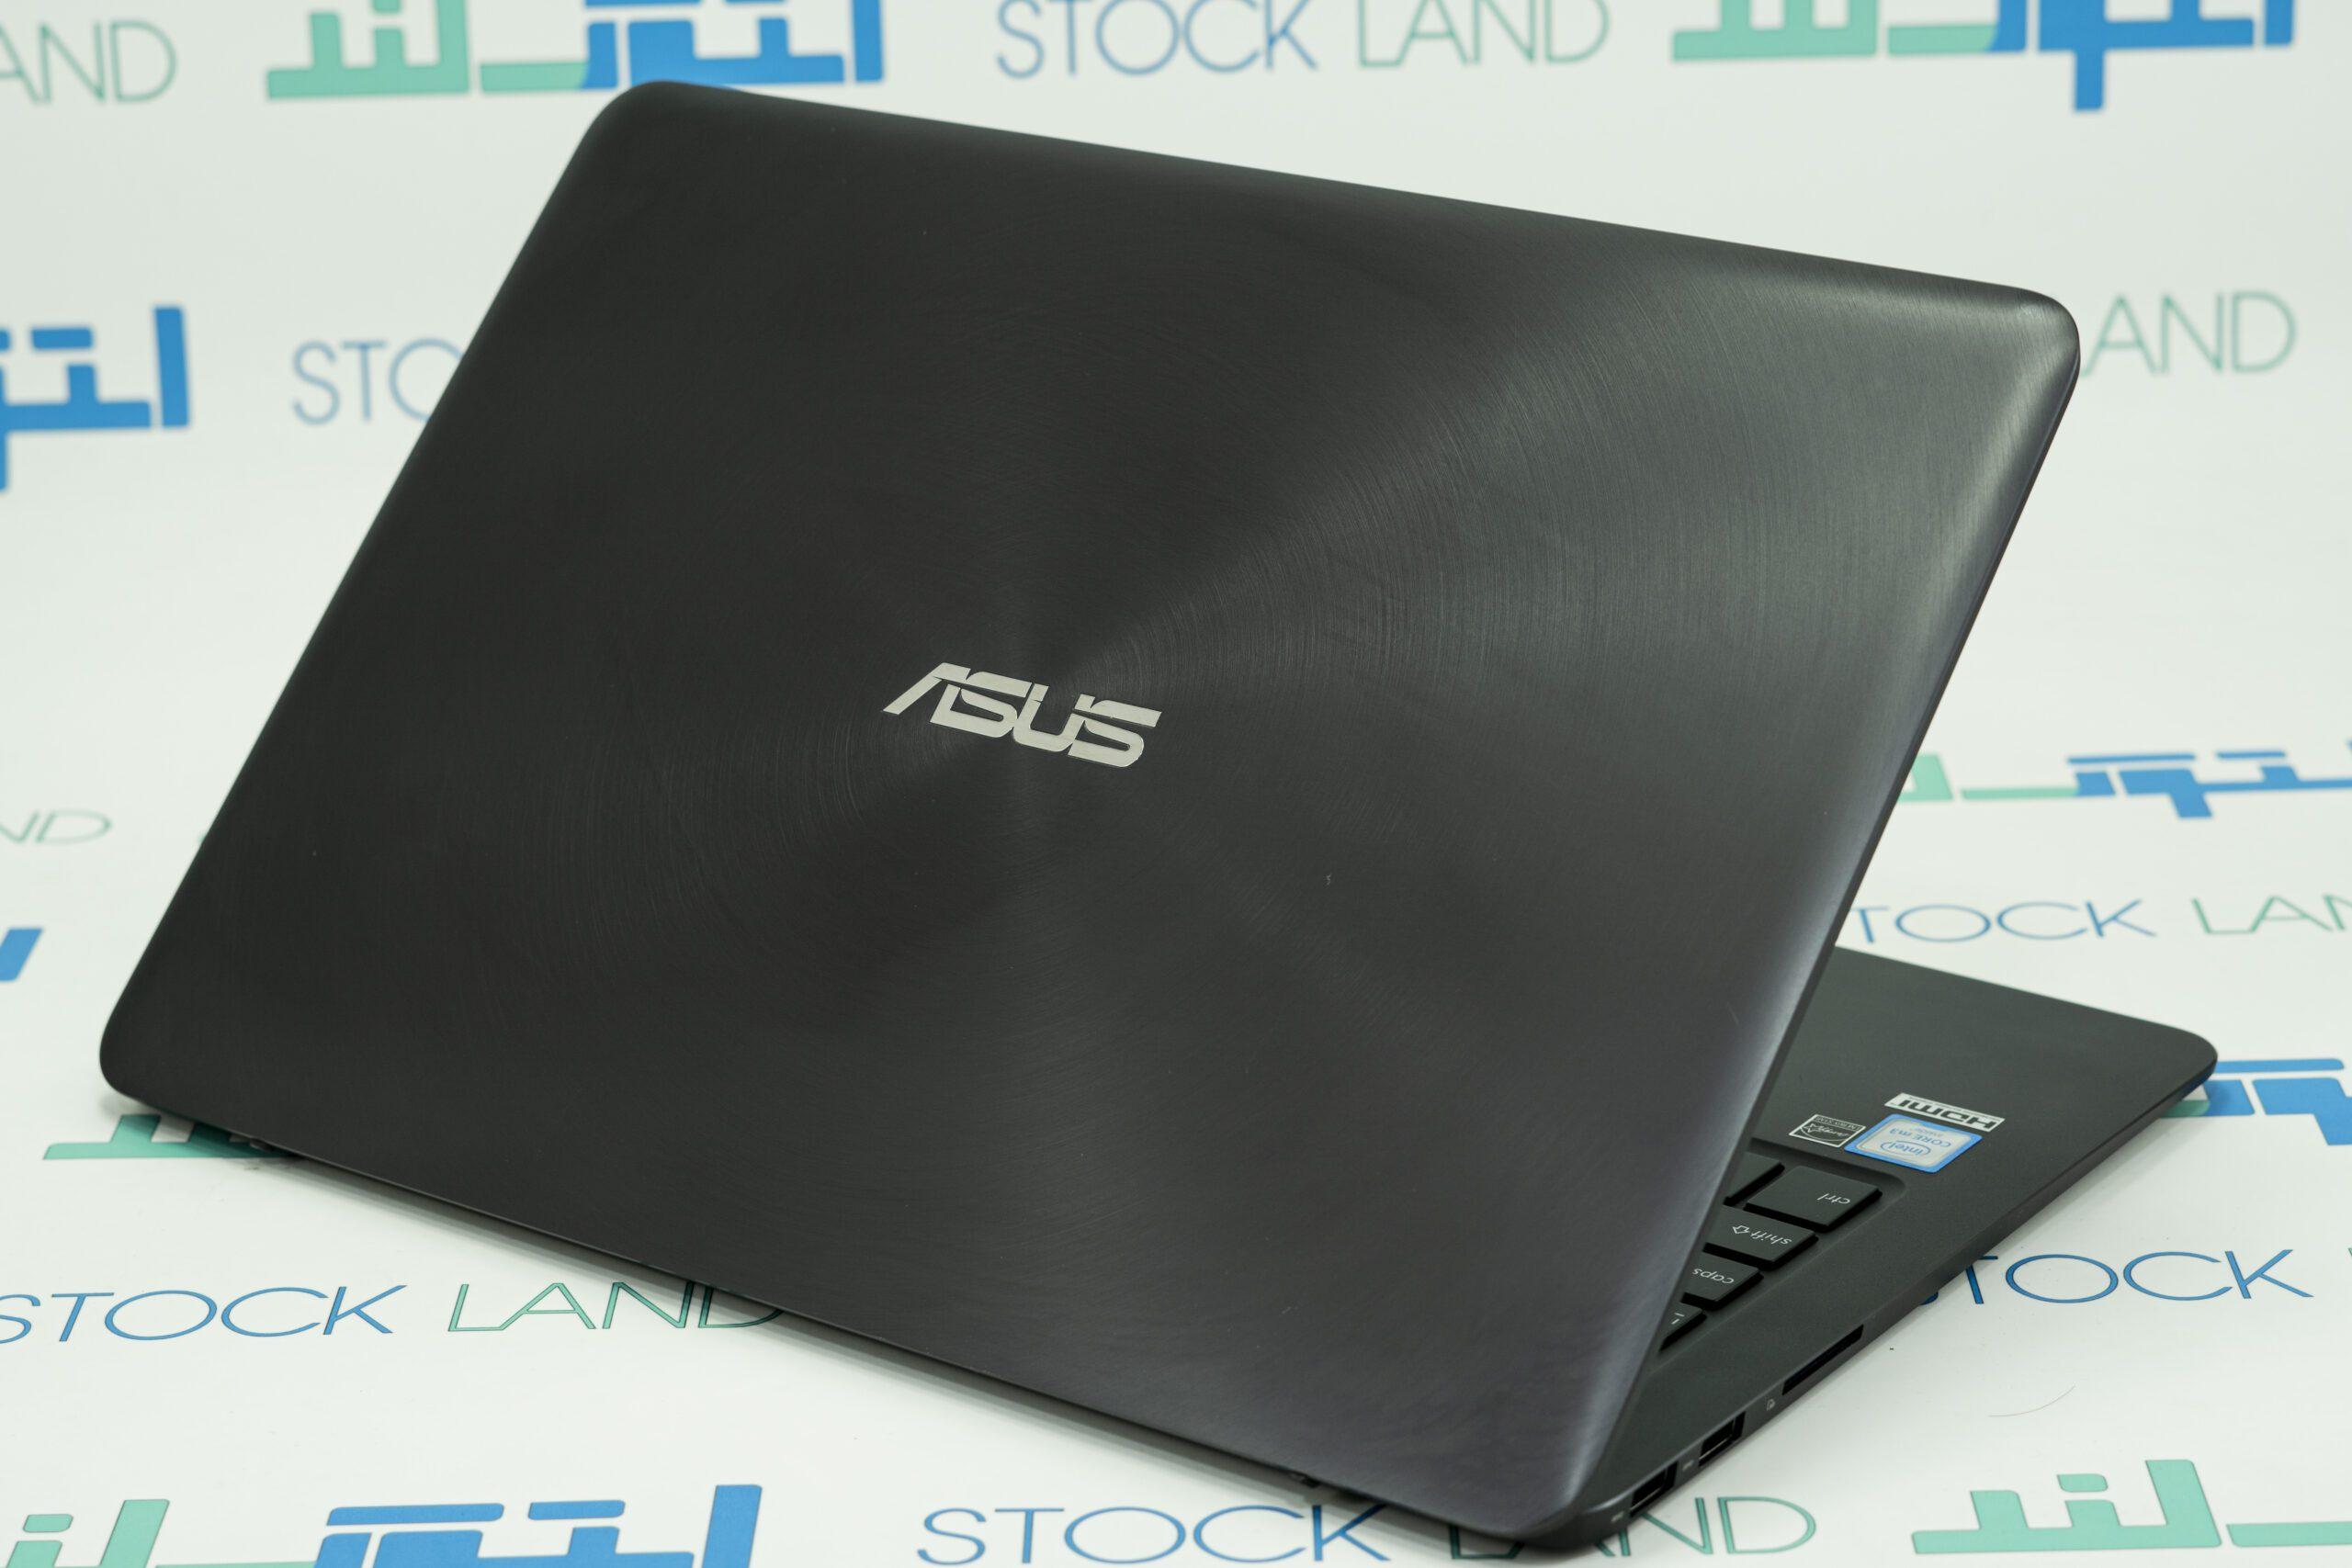 لپ تاپ ASUS مدل UX305CA Touch